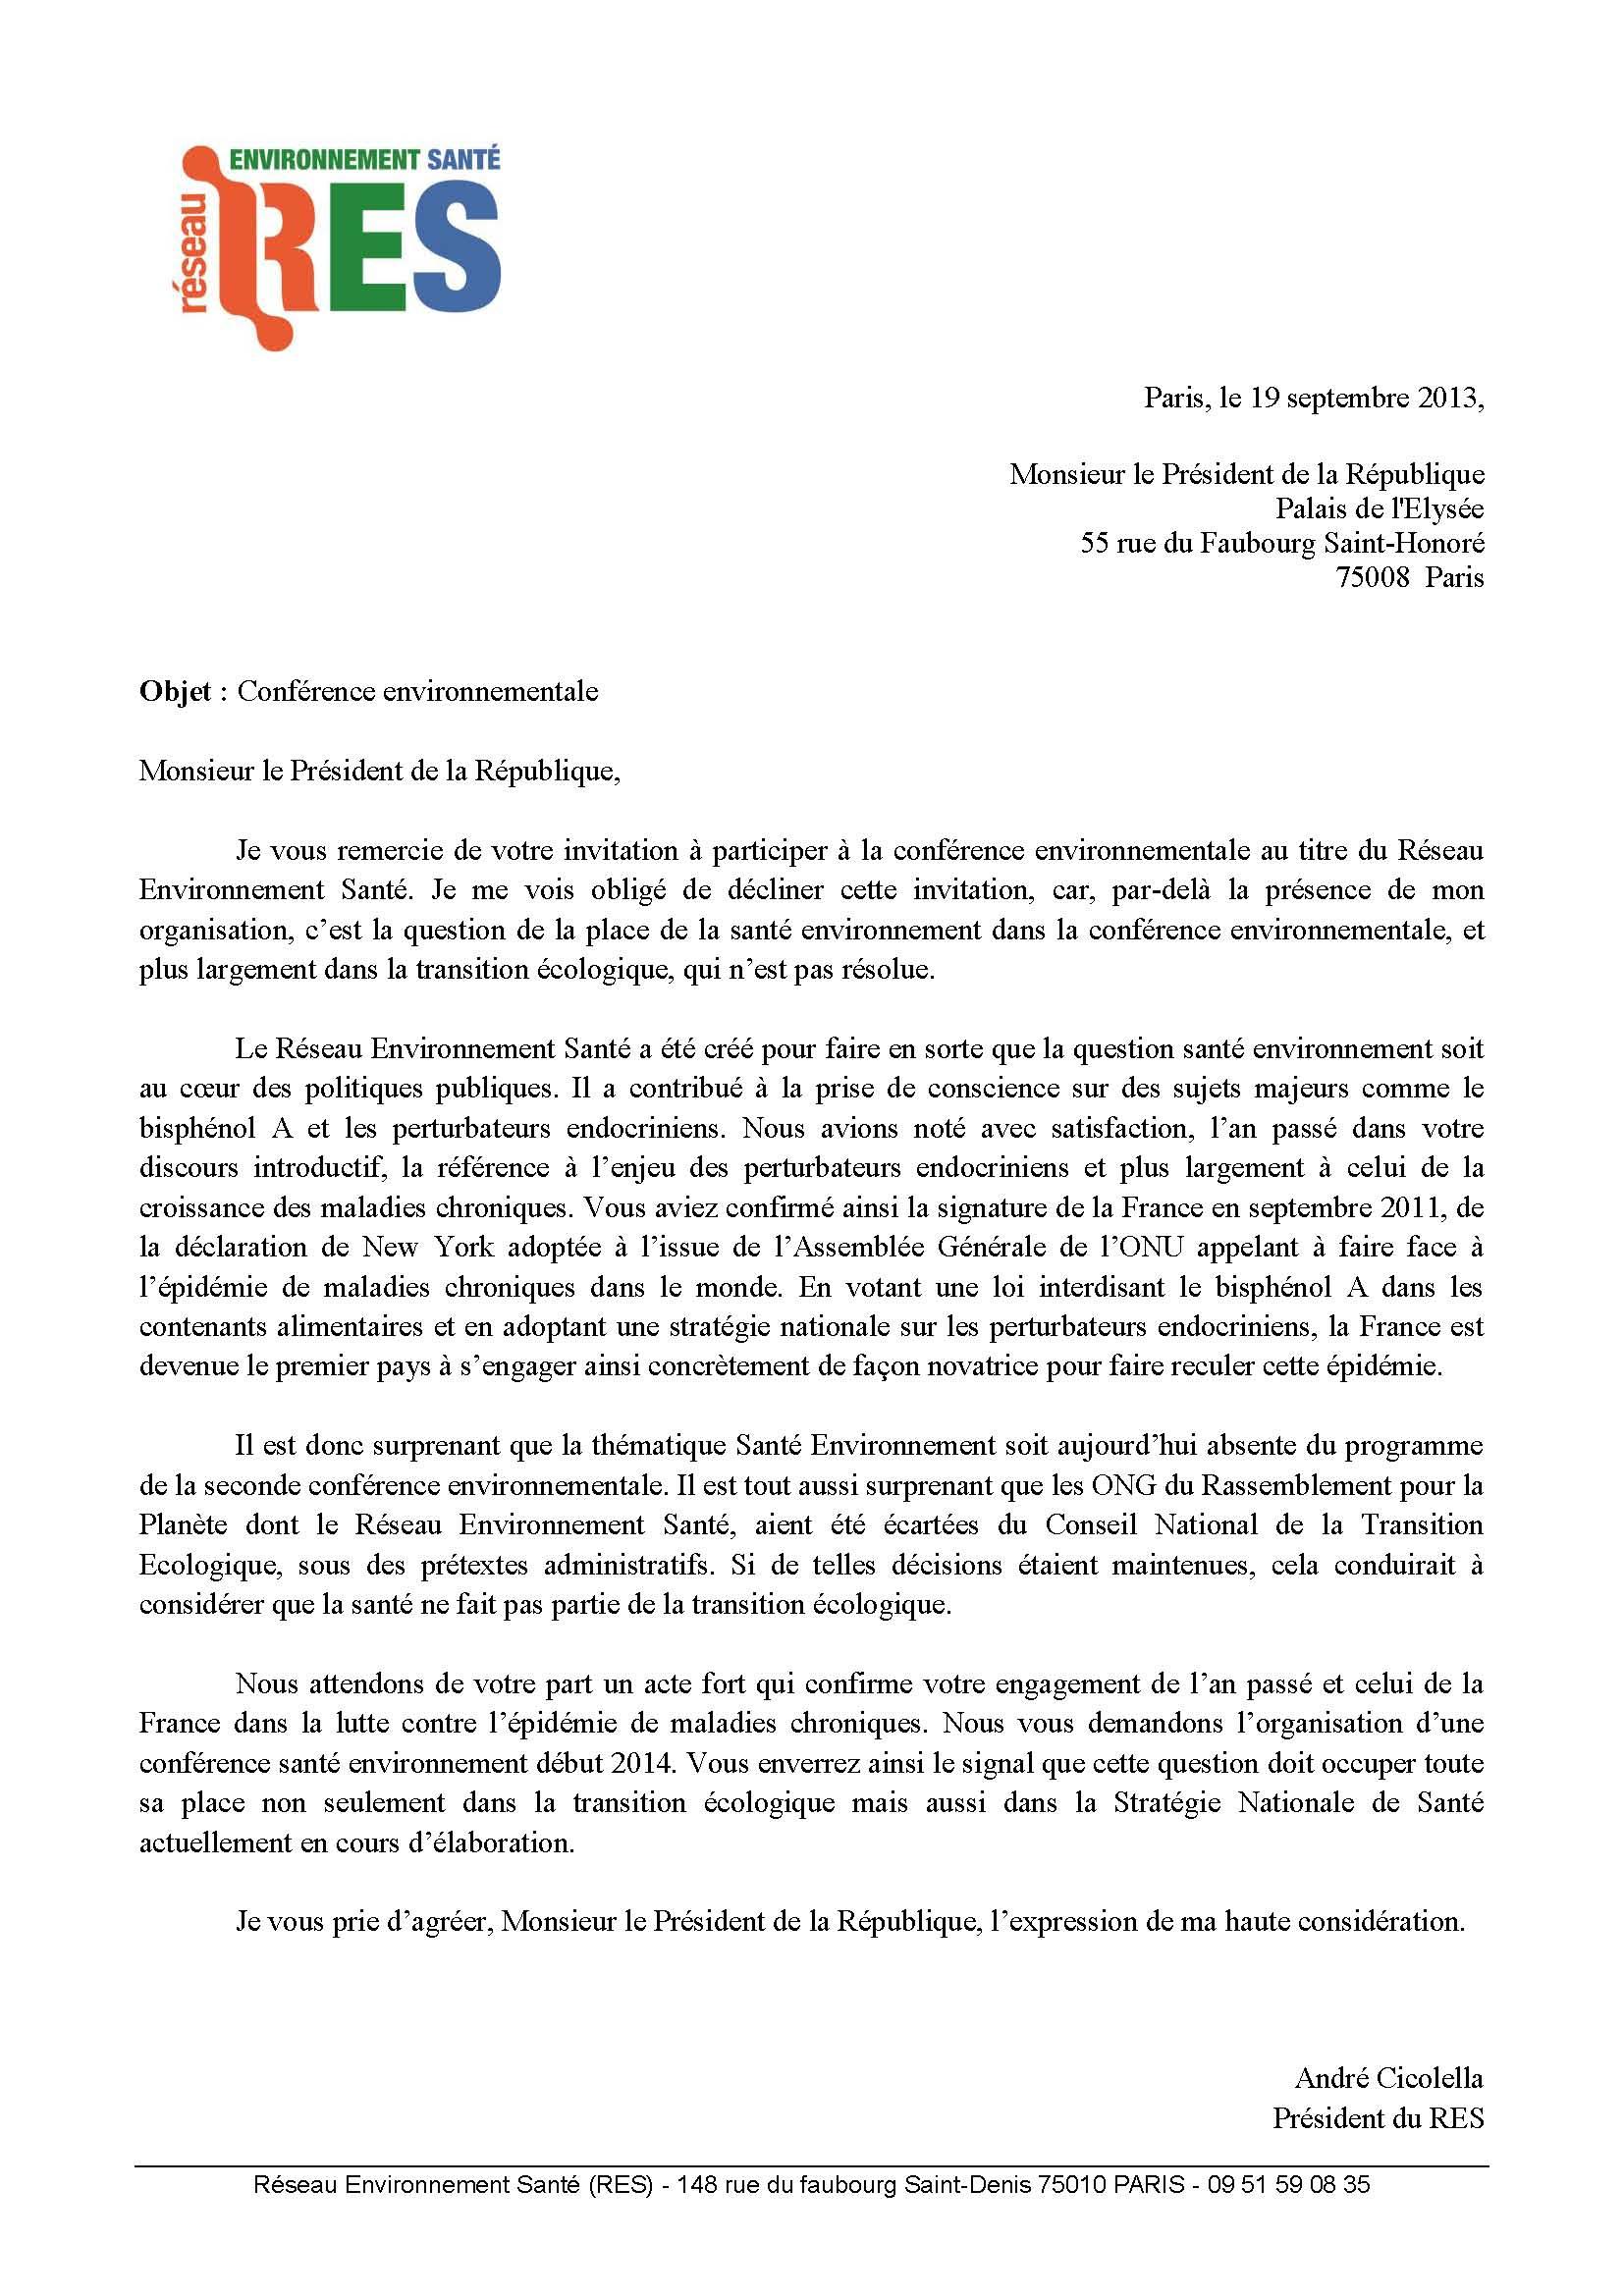 lettre_François_Hollande_Conference_environnementale_19092013_site